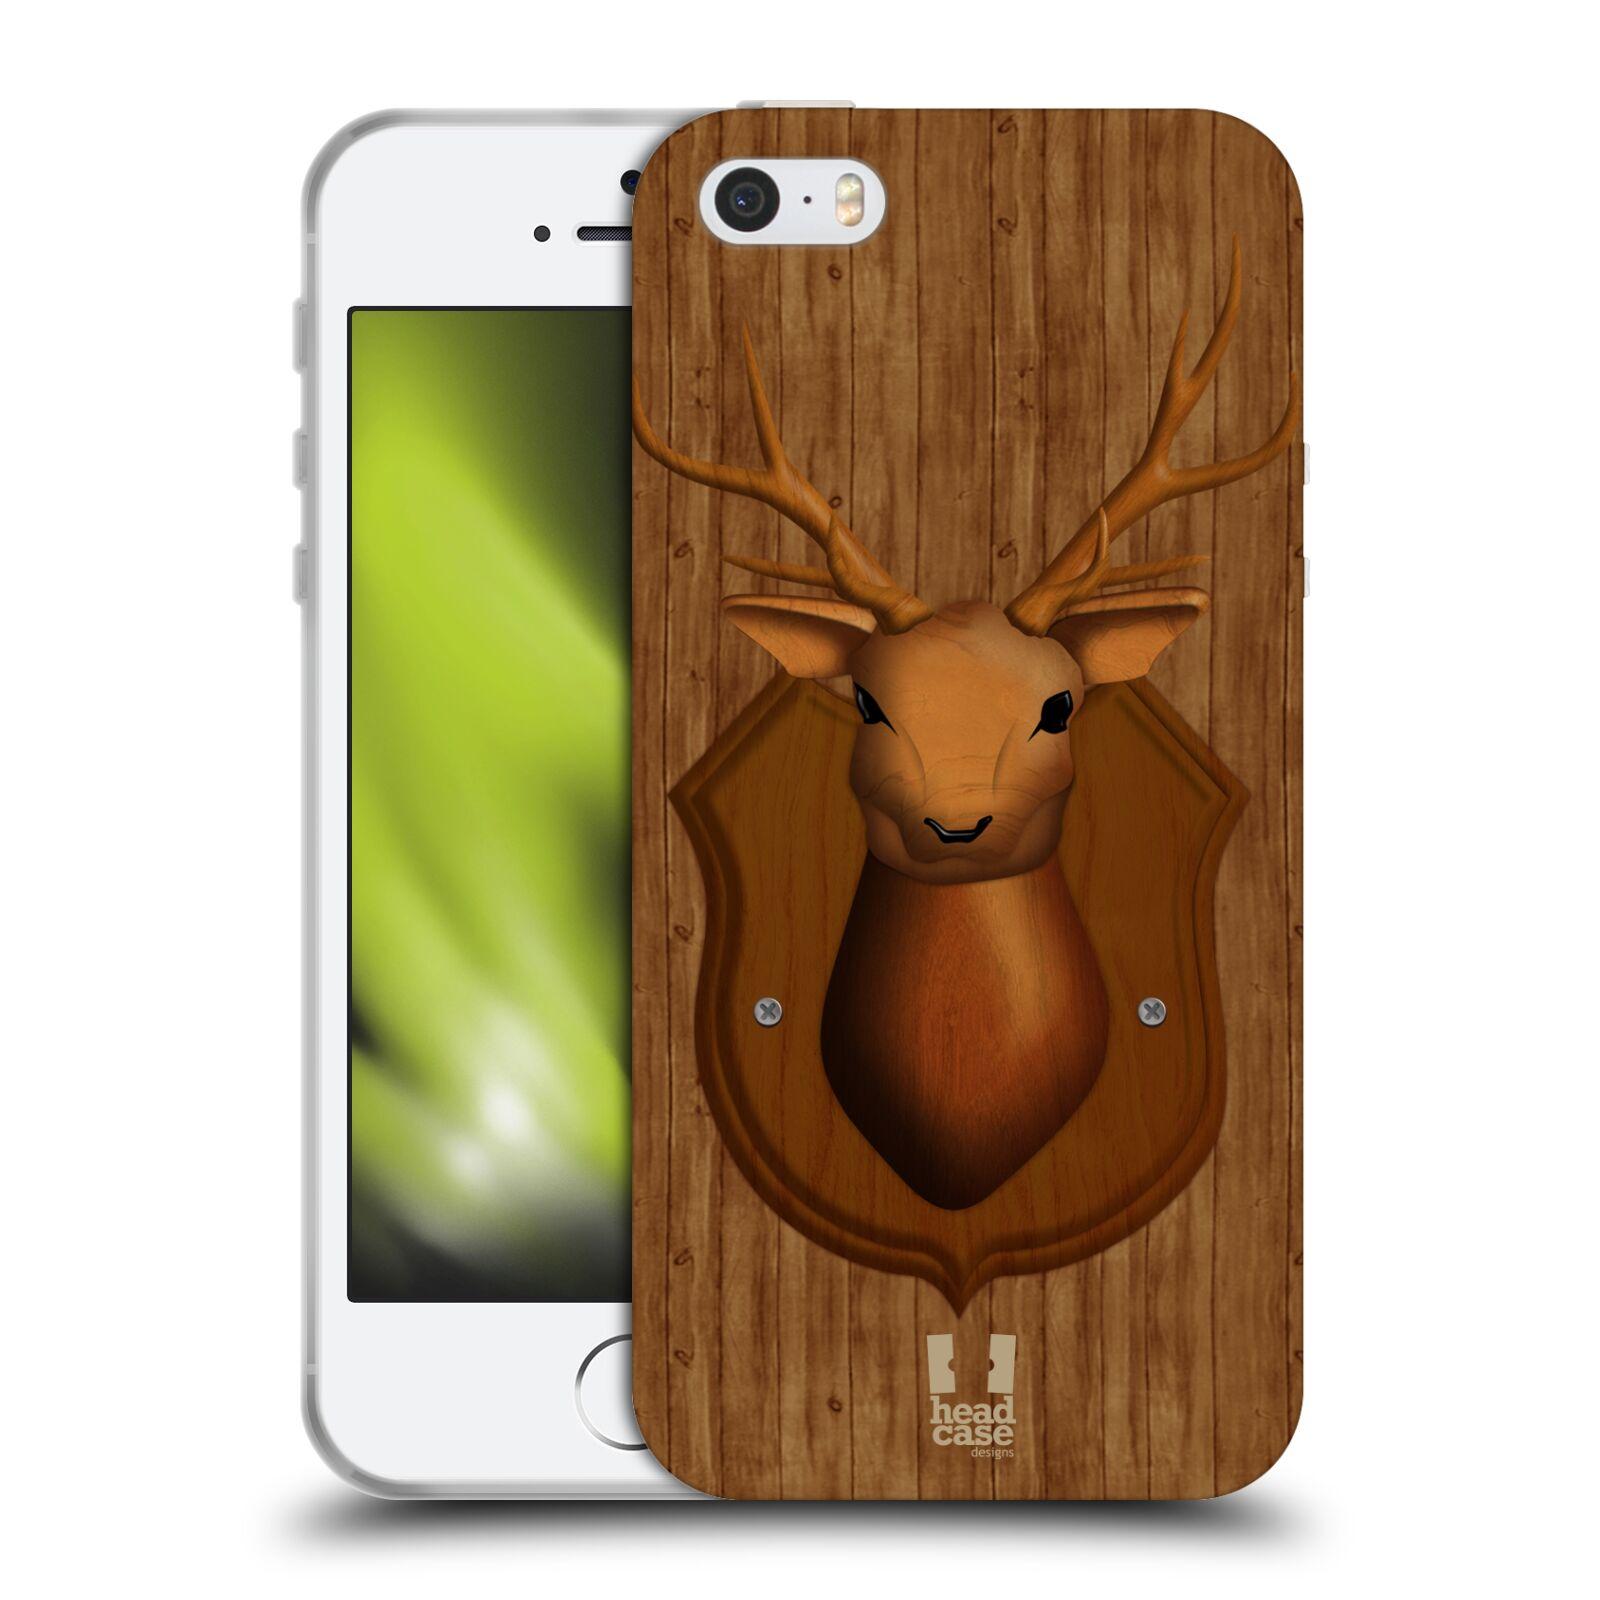 HEAD CASE silikonový obal na mobil Apple Iphone 5 5S vzor Dřevěné umění 2  JELEN TROFEJ 4c11ed43d15